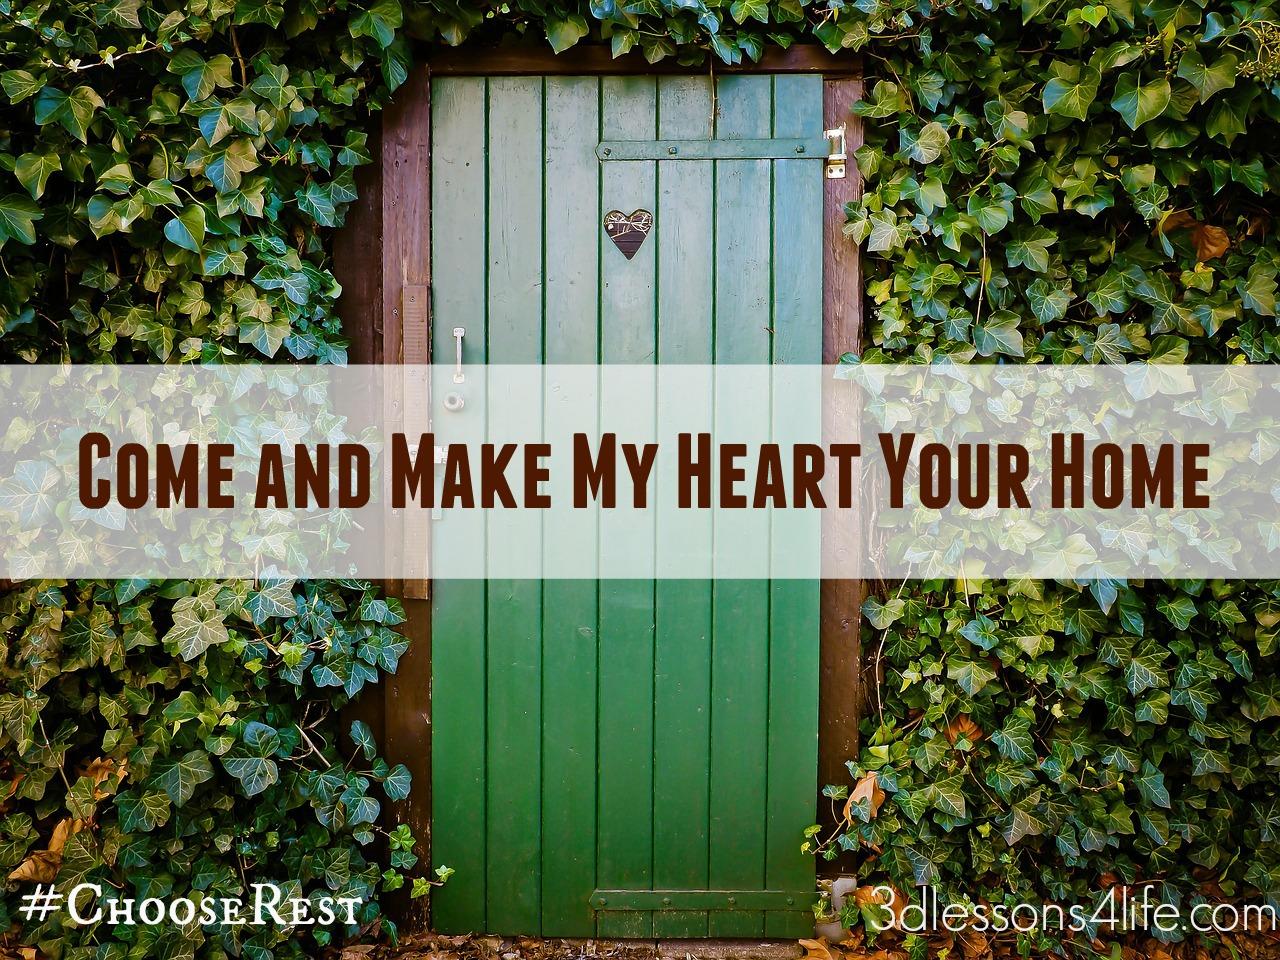 Head Home | 3dlessons4life.com